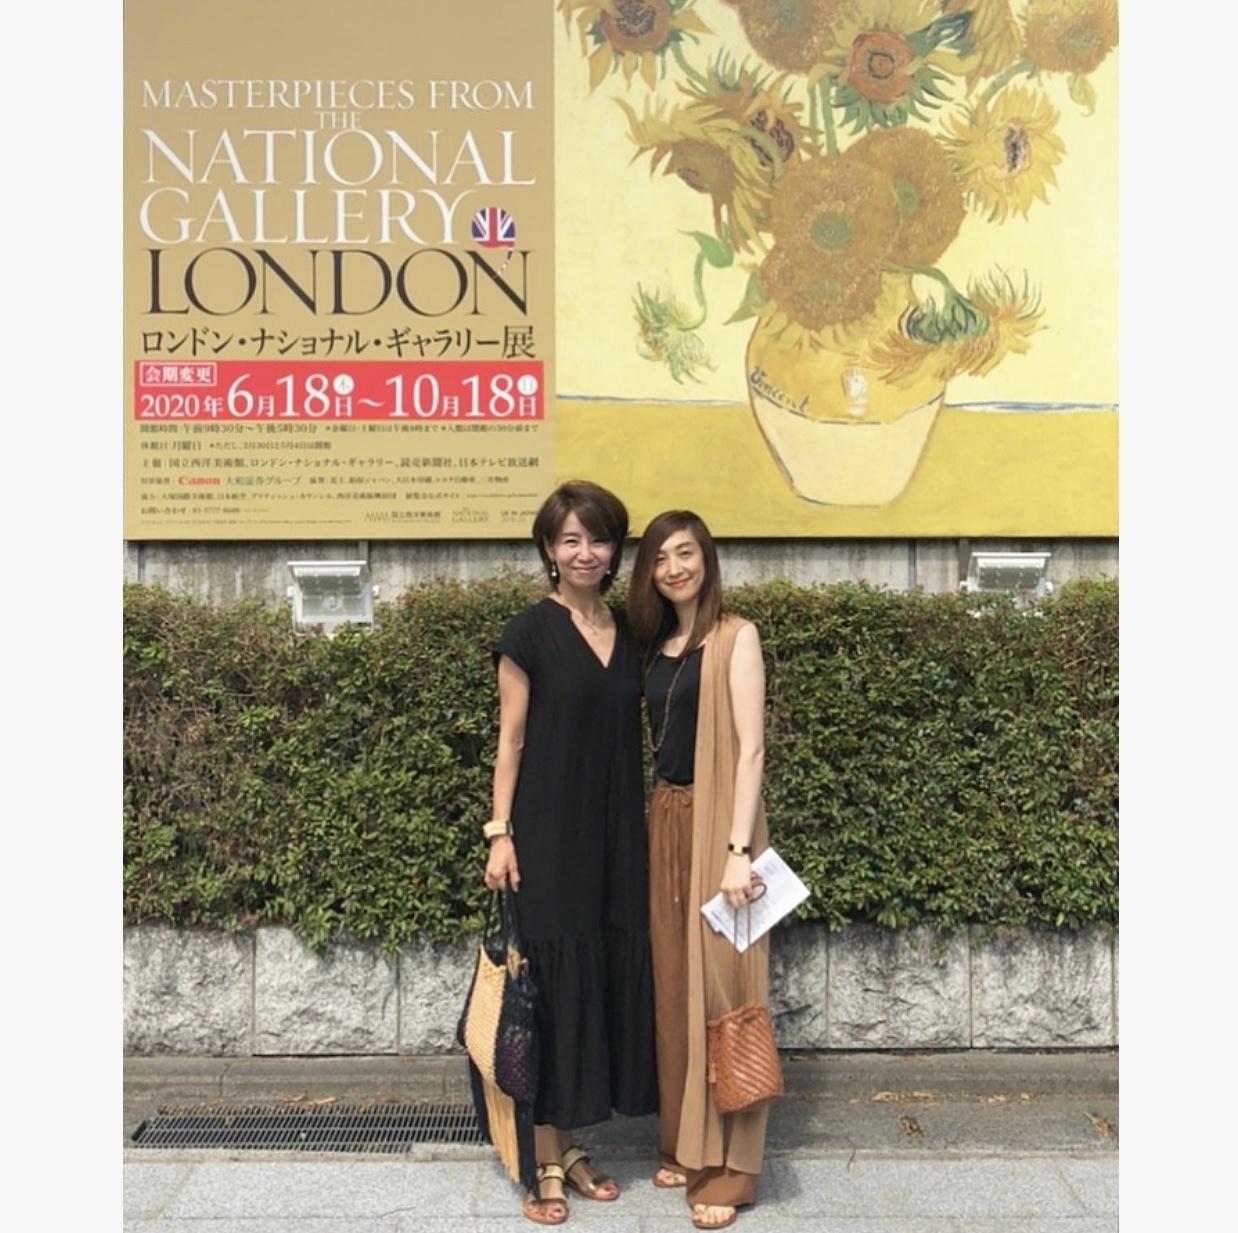 秋色ジレで、ロンドンナショナルギャラリー展へ_1_1